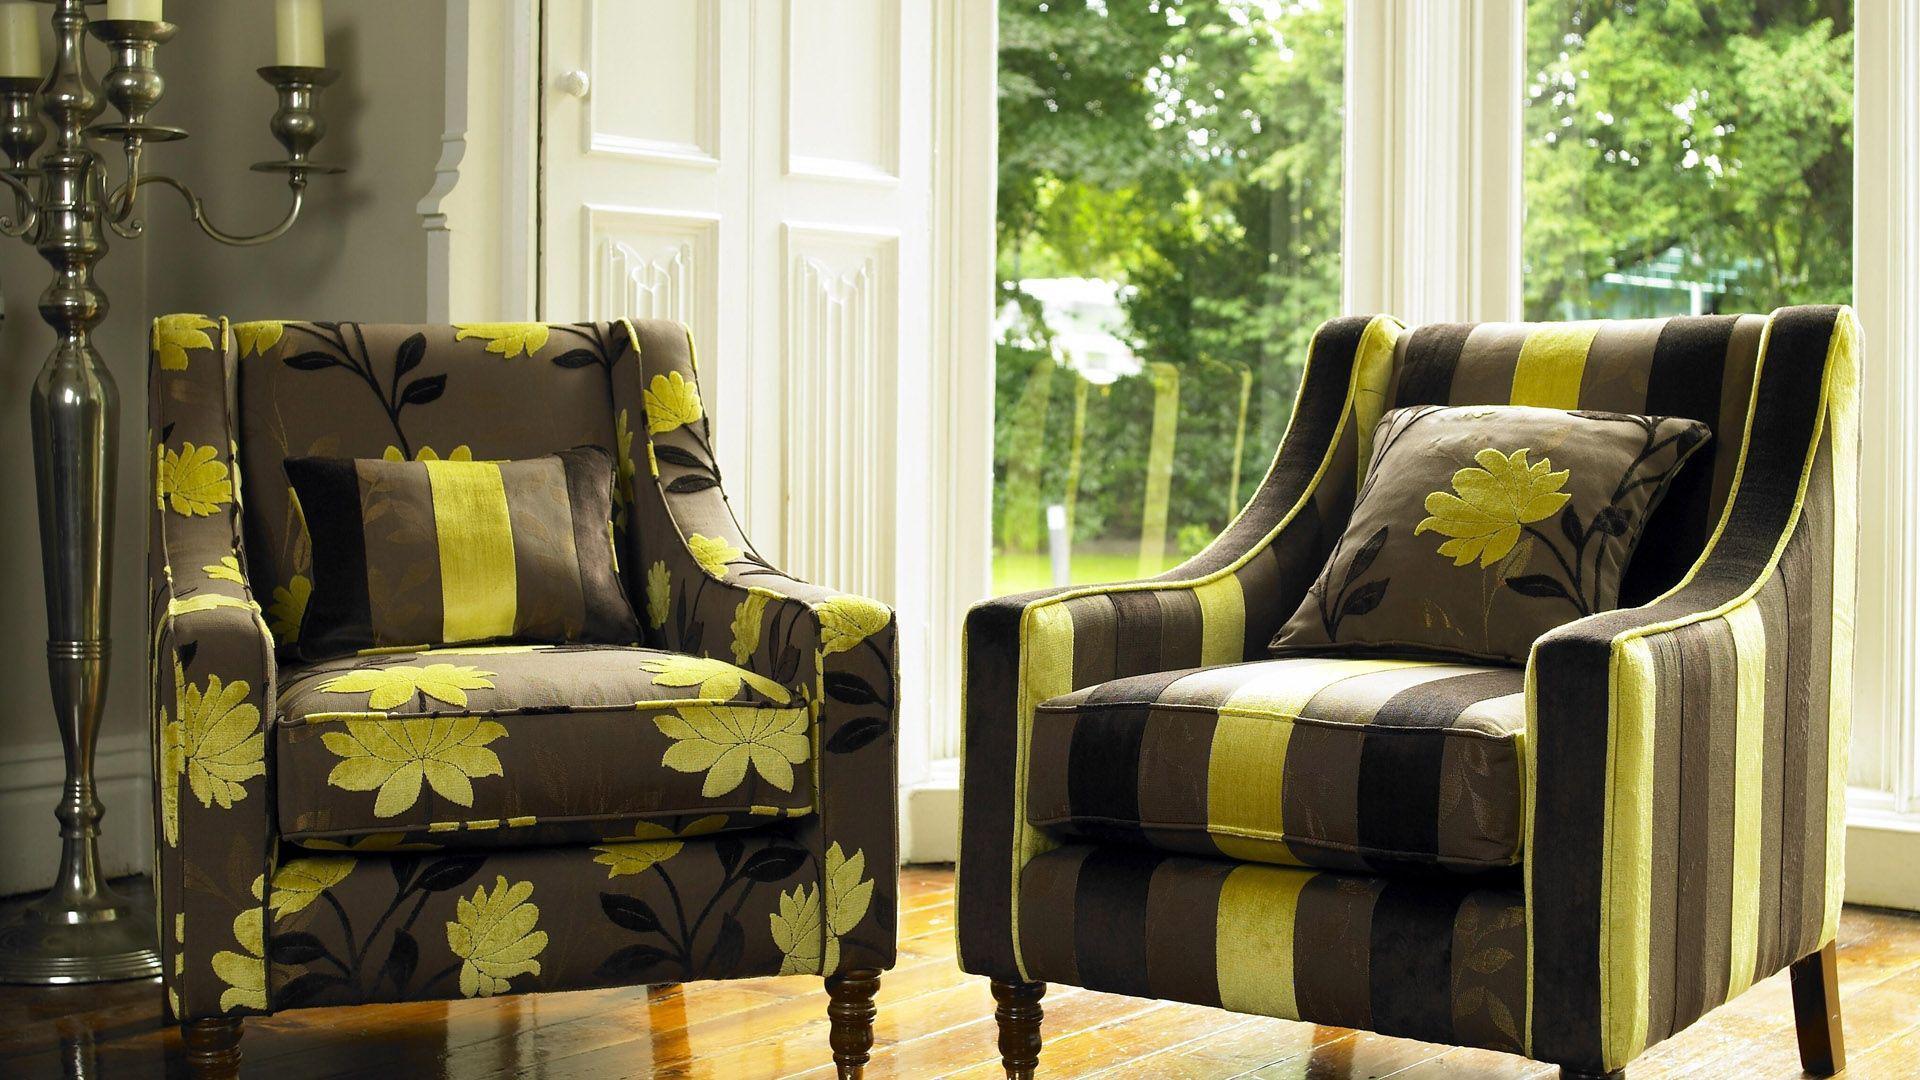 Как выбрать кресло для дома - 11